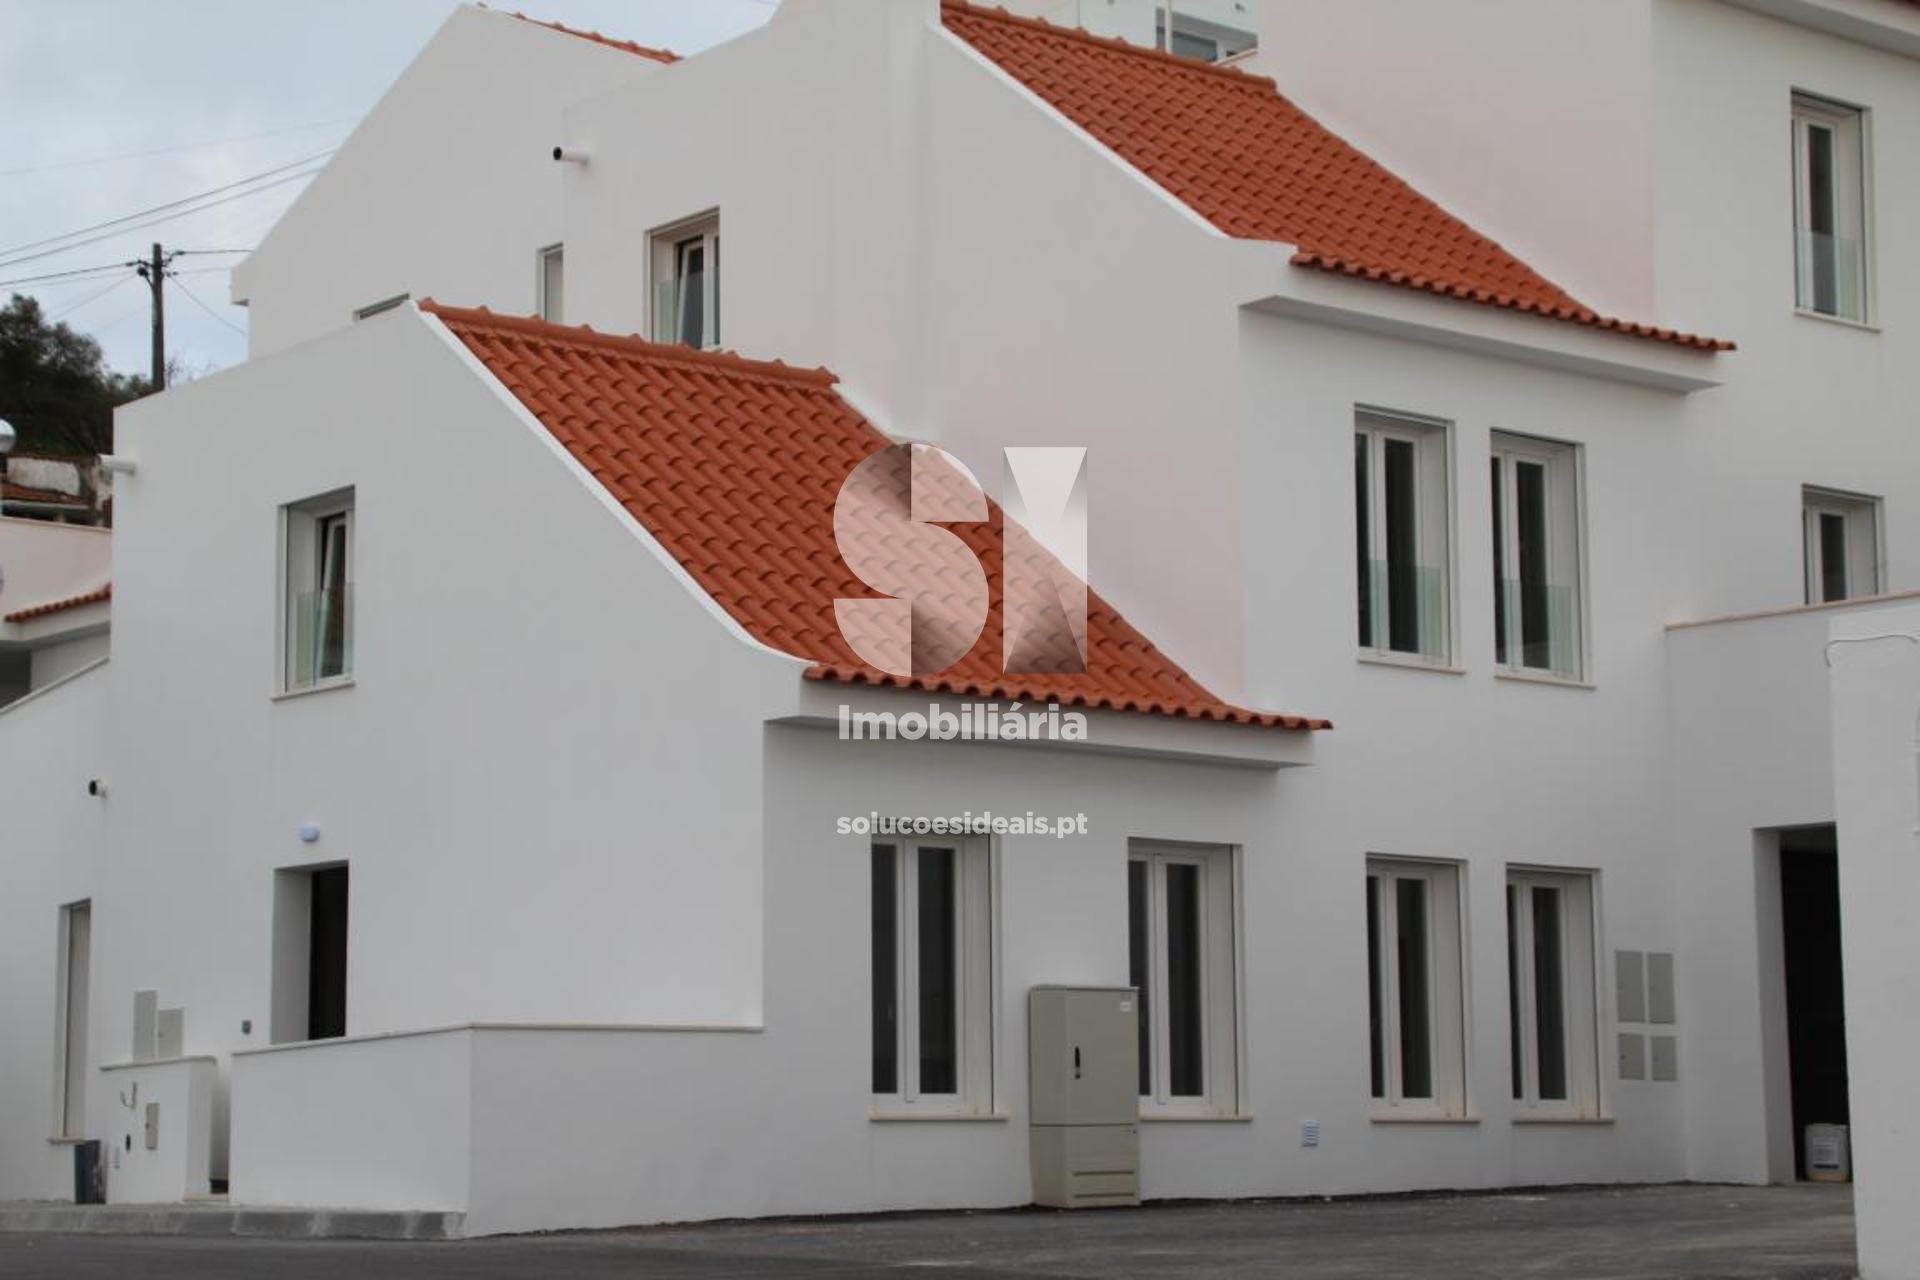 apartamento t11 para compra em torres vedras santa maria sao pedro e matacaes LFCPM472_5